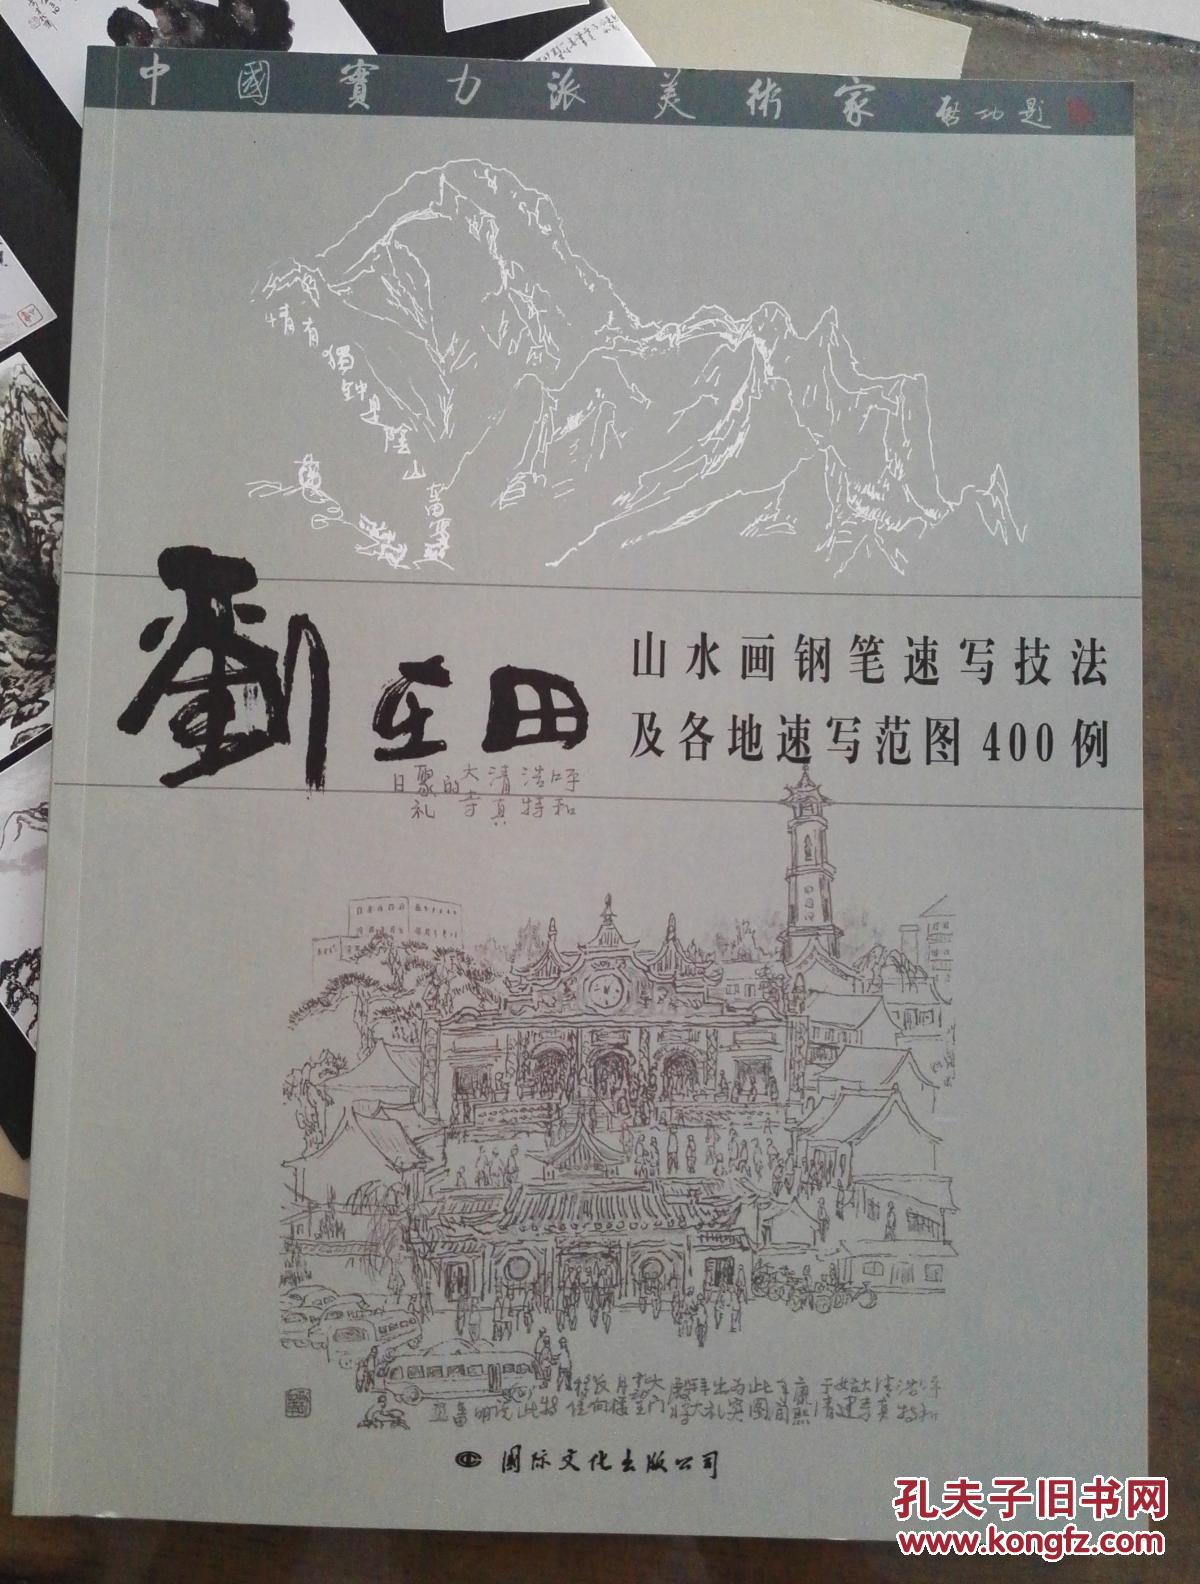 刘在田山水画钢笔速写技法及各地速写范图400例--中国实力派美术家刘在田